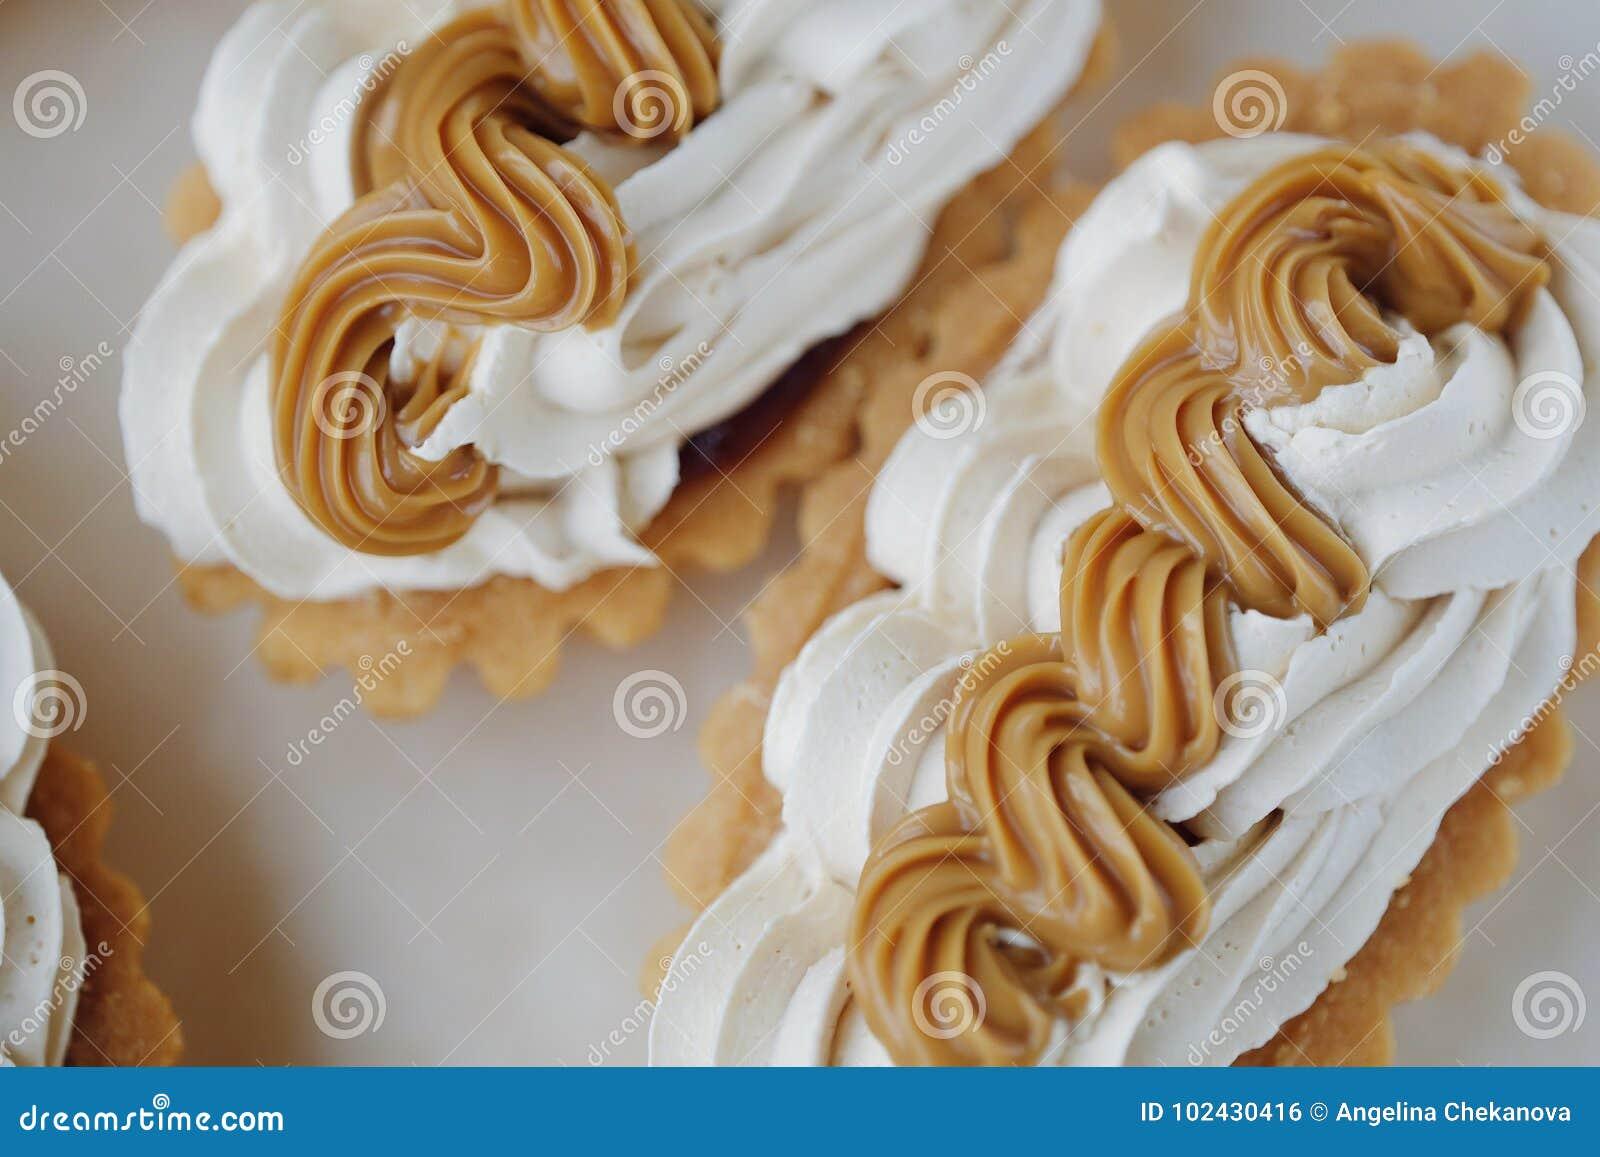 Bolos frescos deliciosos do creme e leite condensado